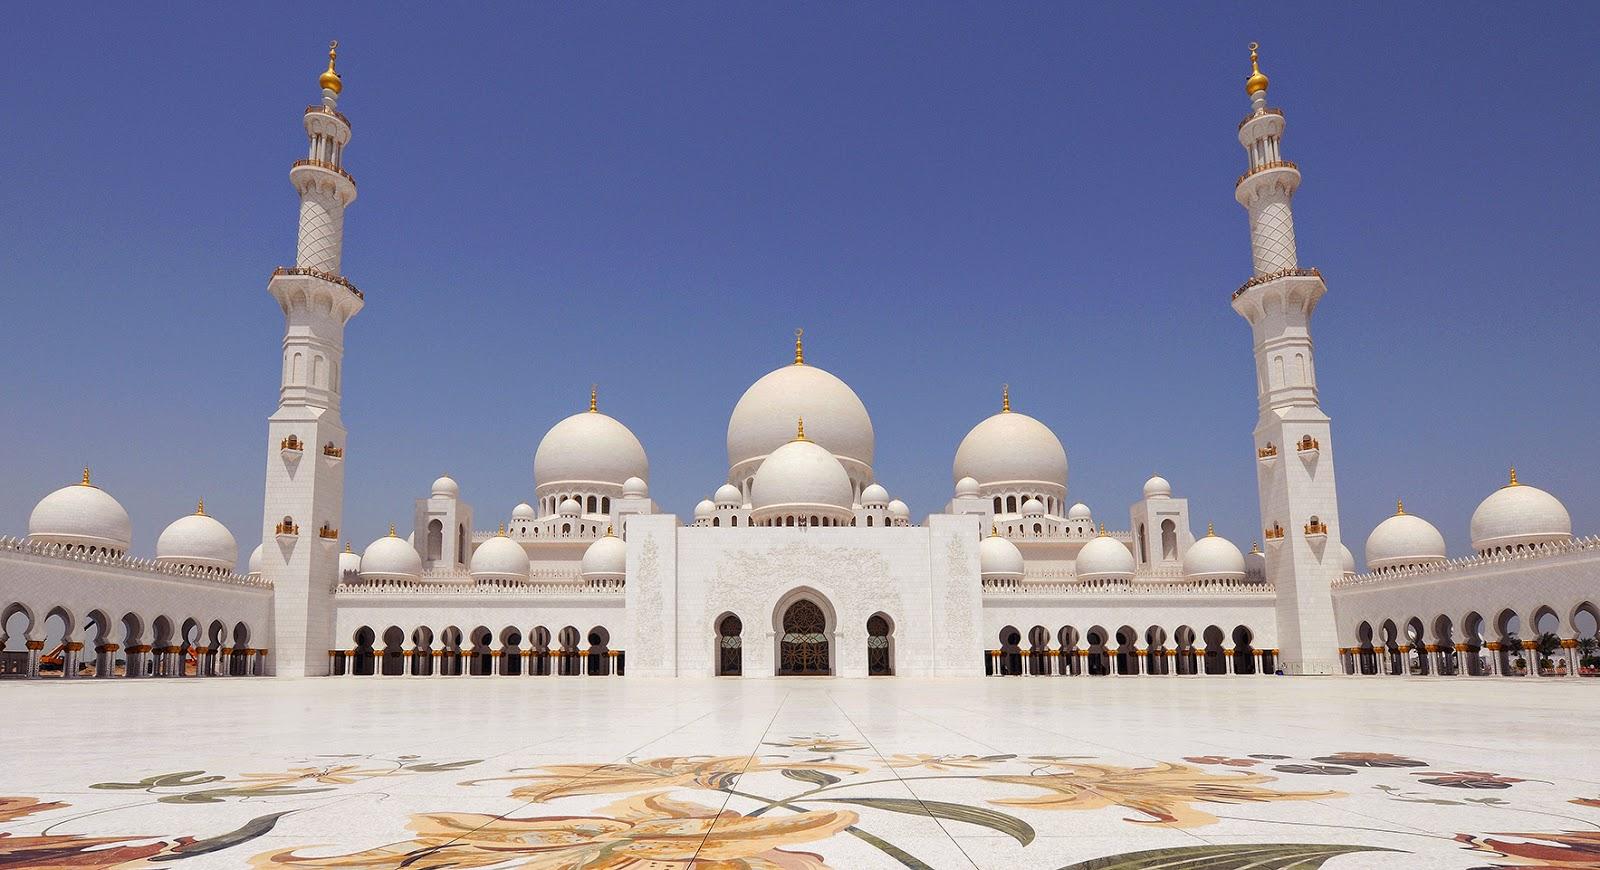 Tour emirati arabi abu dhabi la citt del futuro idee per viaggiare lavoriamo a colori - Abu dhabi luoghi di interesse ...